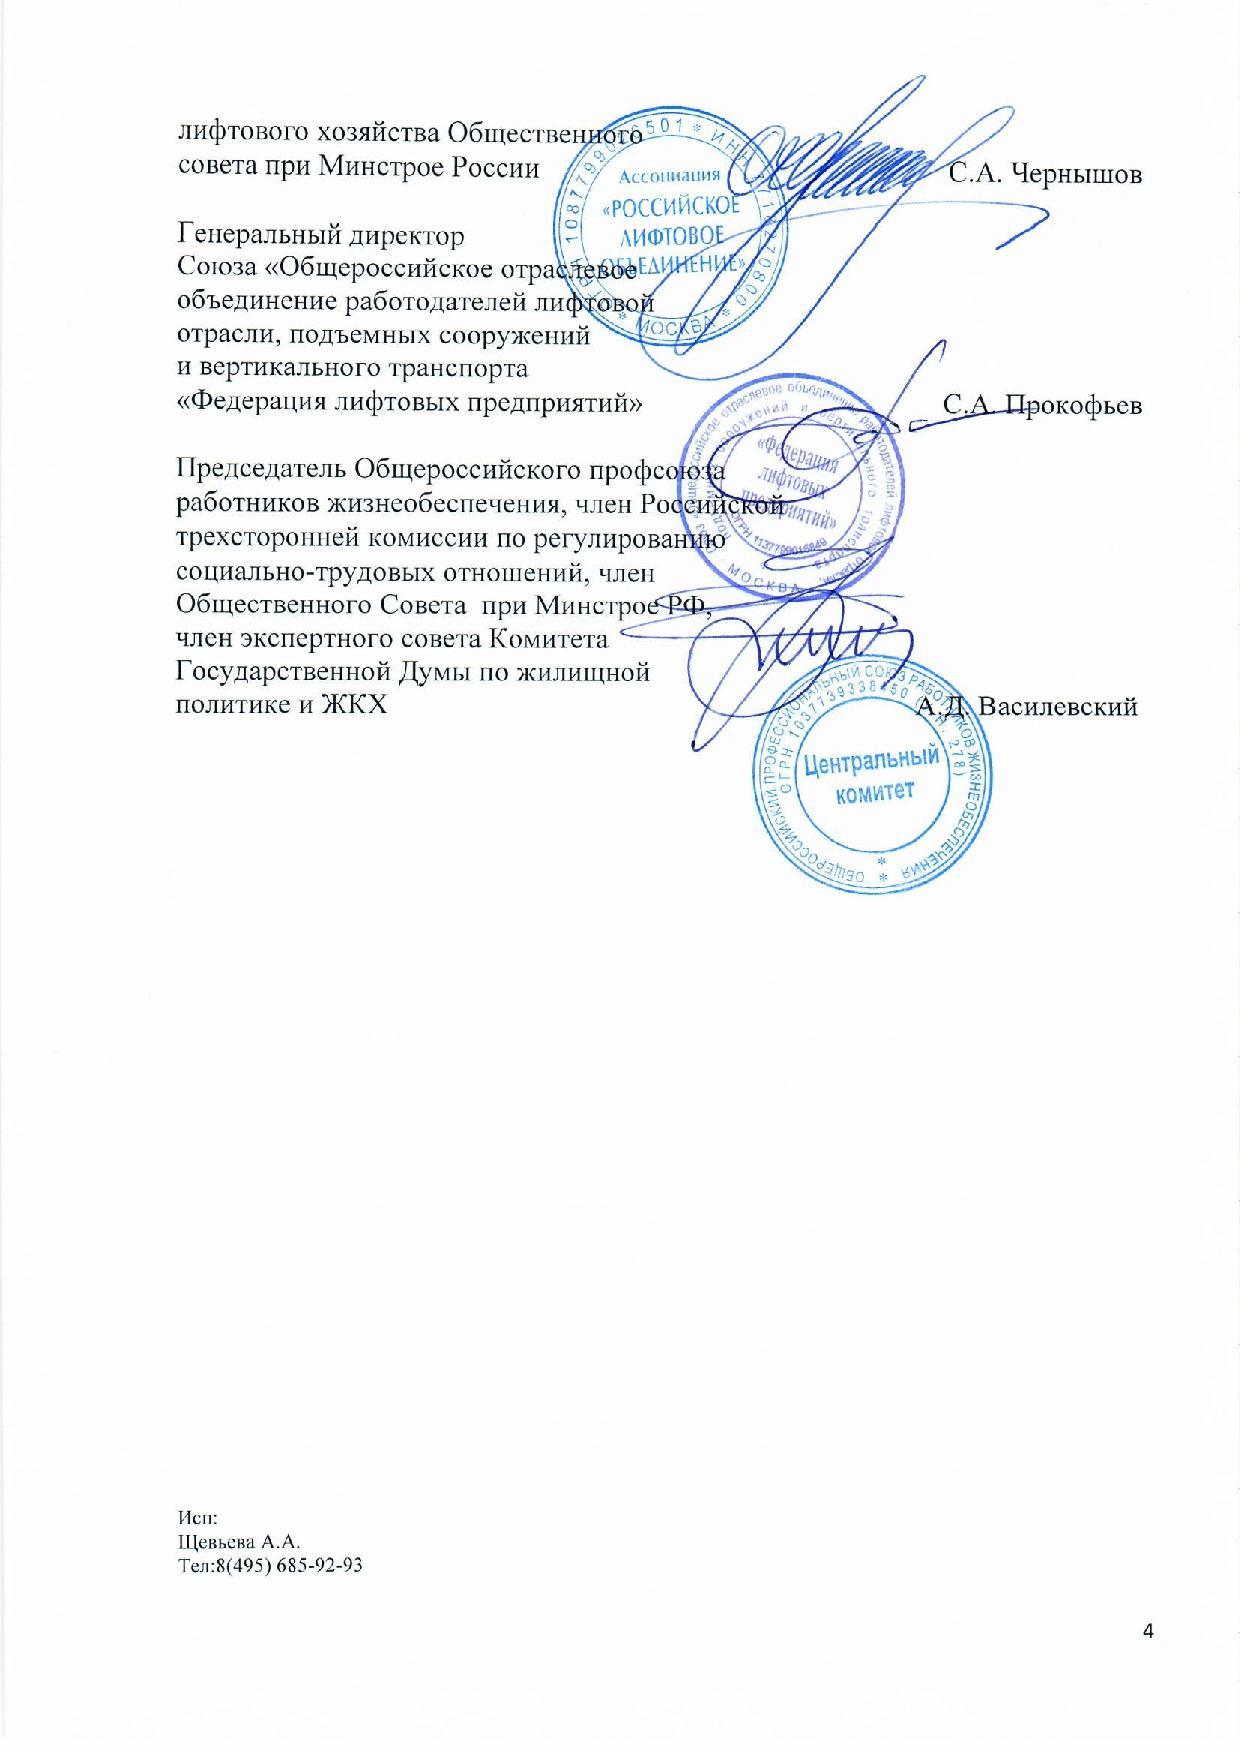 Направлено Обращение Уполномоченному при Президенте РФ по защите прав предпринимателей Титову о возможных негативных последствиях консолидации лифтовой отрасли